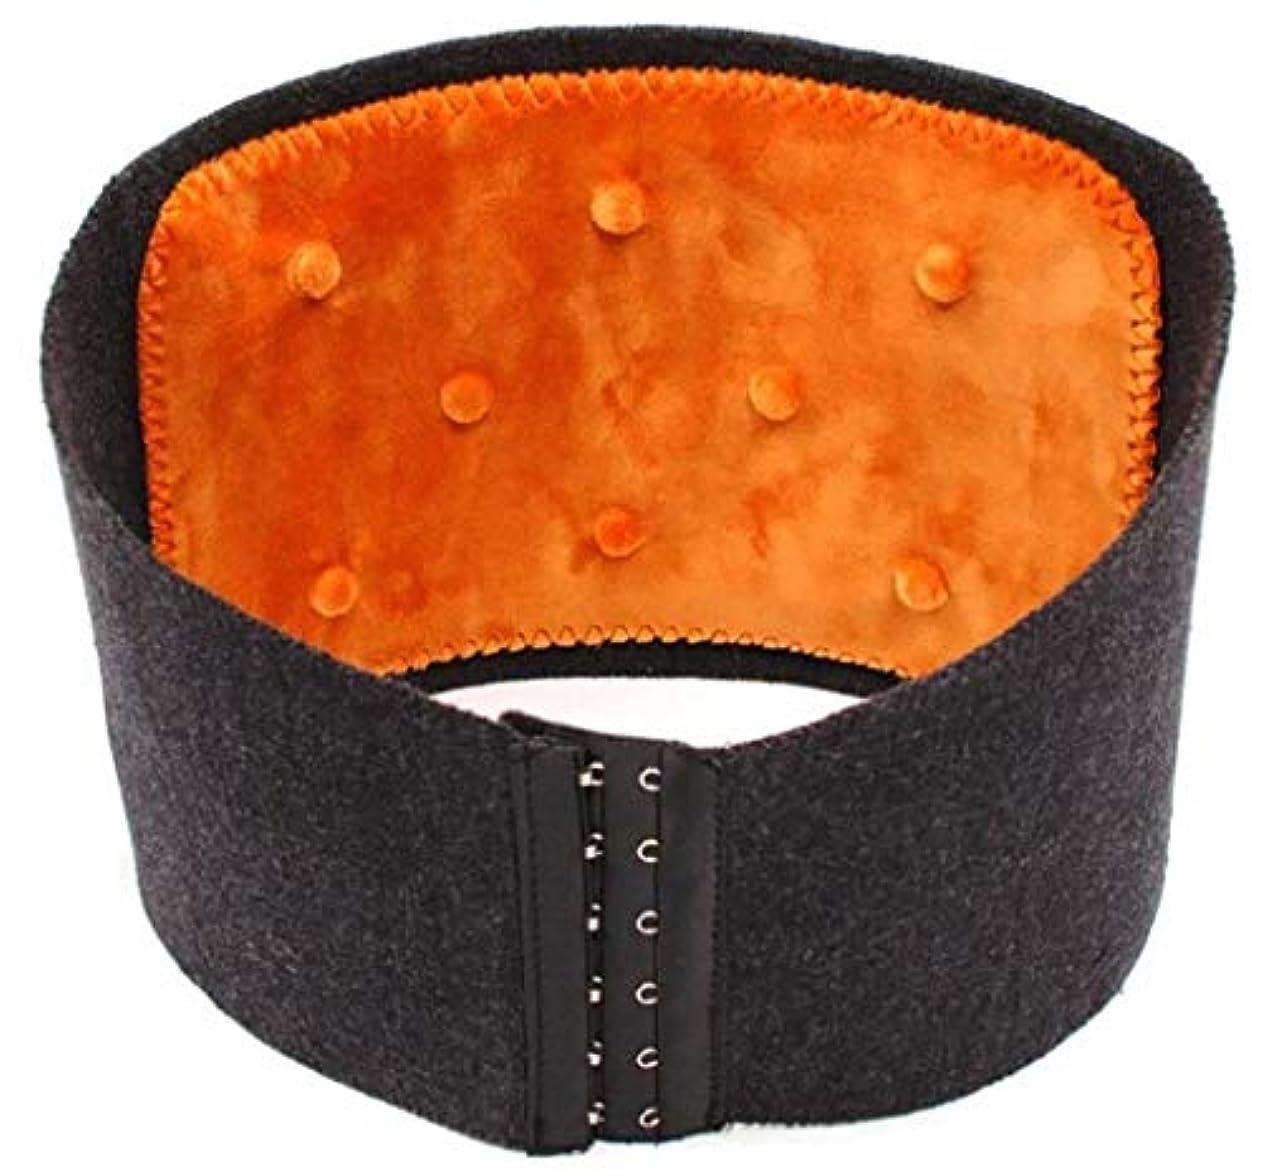 広大な変える可塑性ウエストサポートマッサージャー、ウィンターウエスト/腹部ウォームベルト、痛みを和らげ、怪我の防止